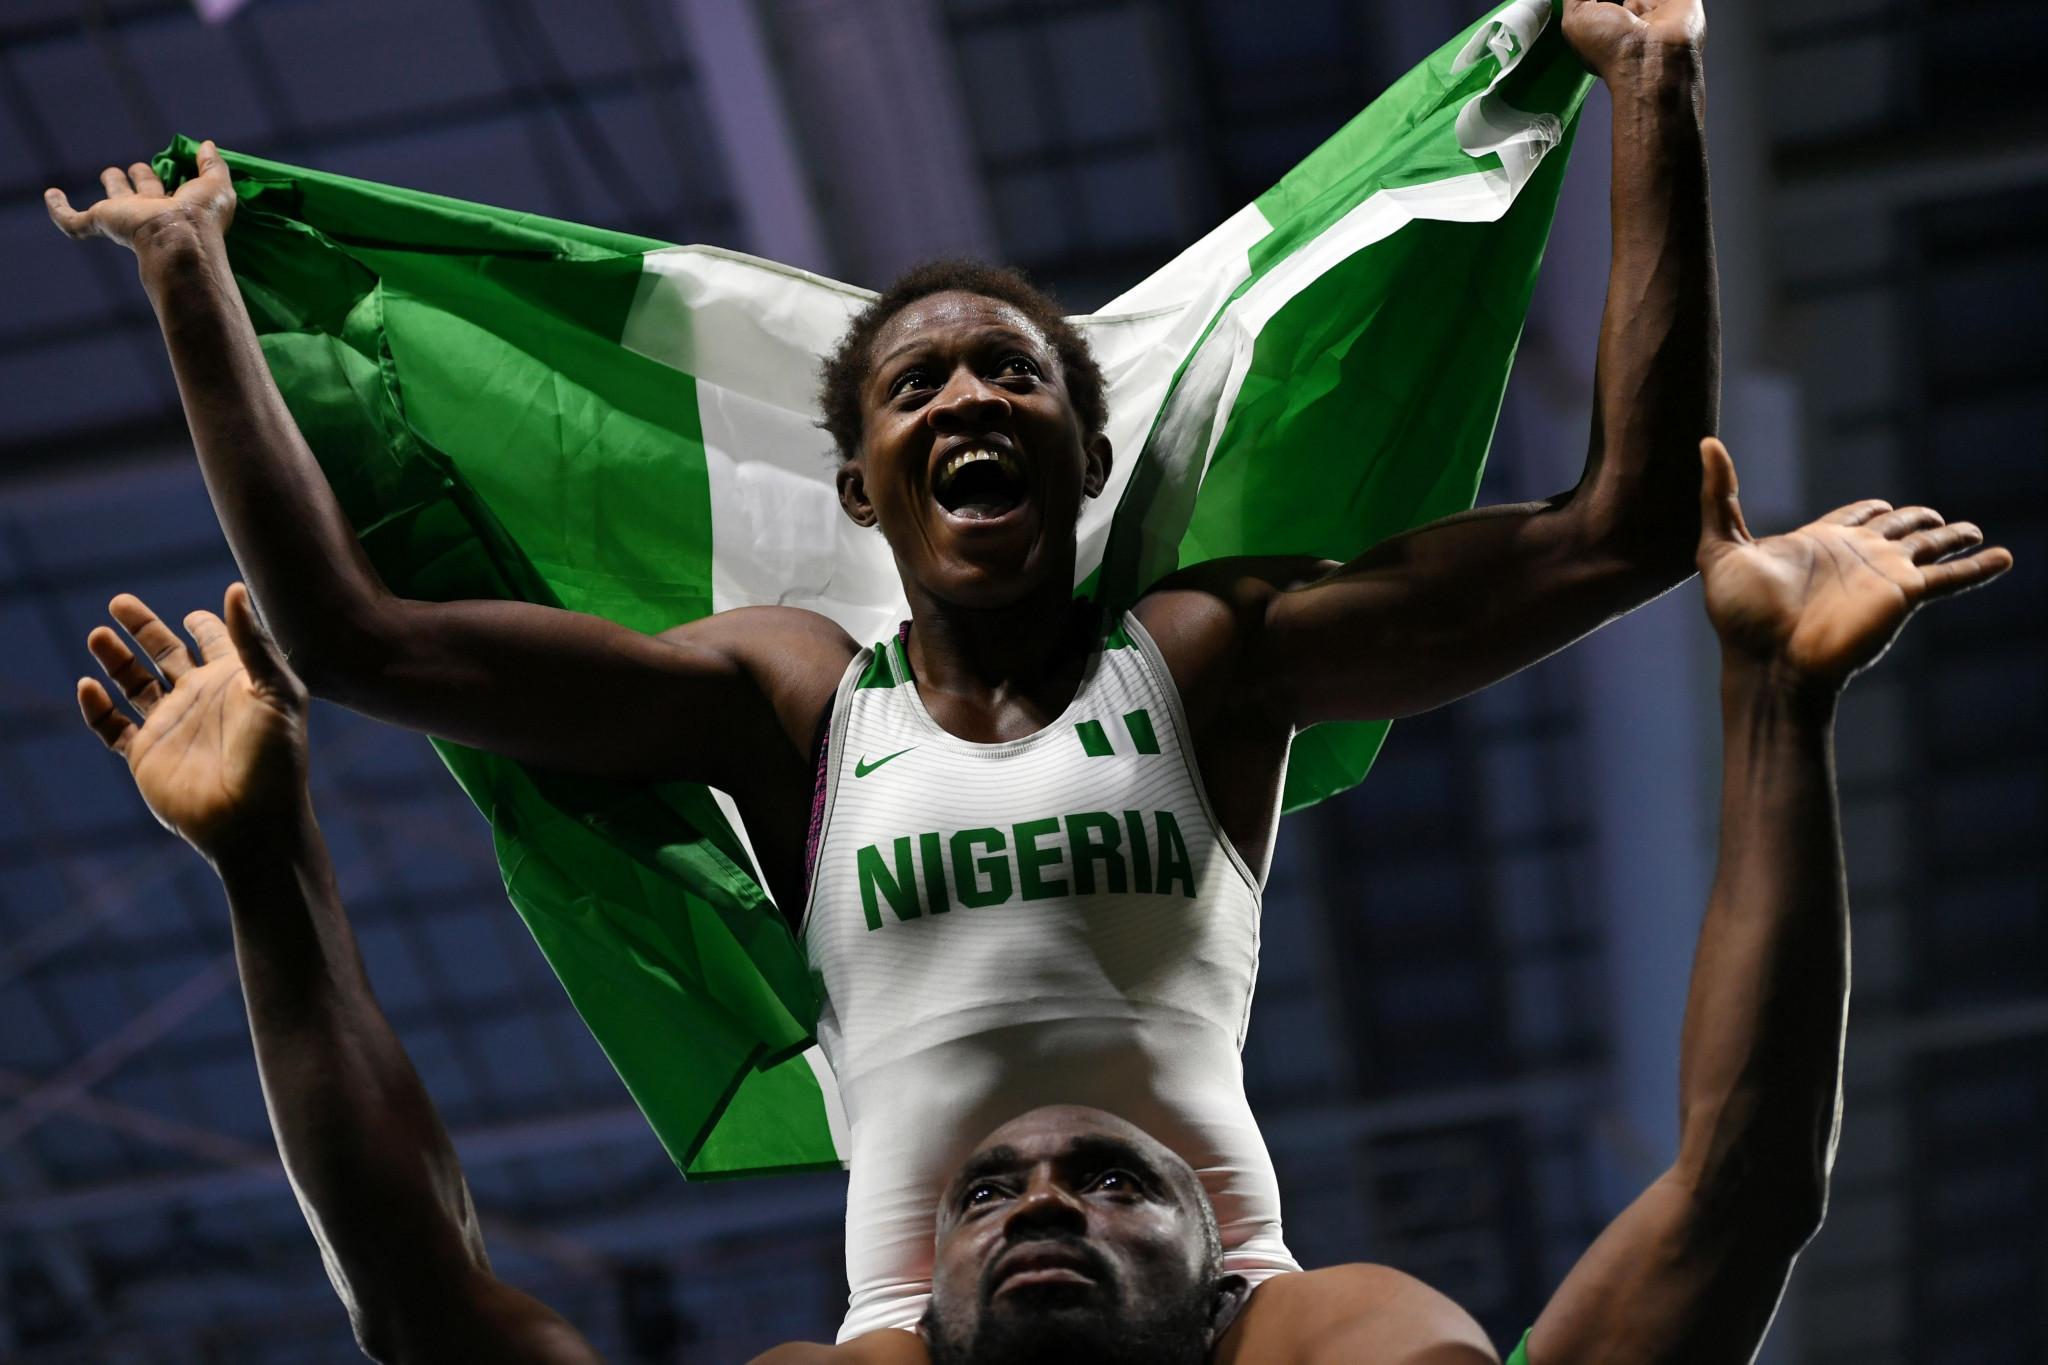 Nigeria's Odunayo Adekuoroye will be vying for glory in Dormagen ©Getty Images